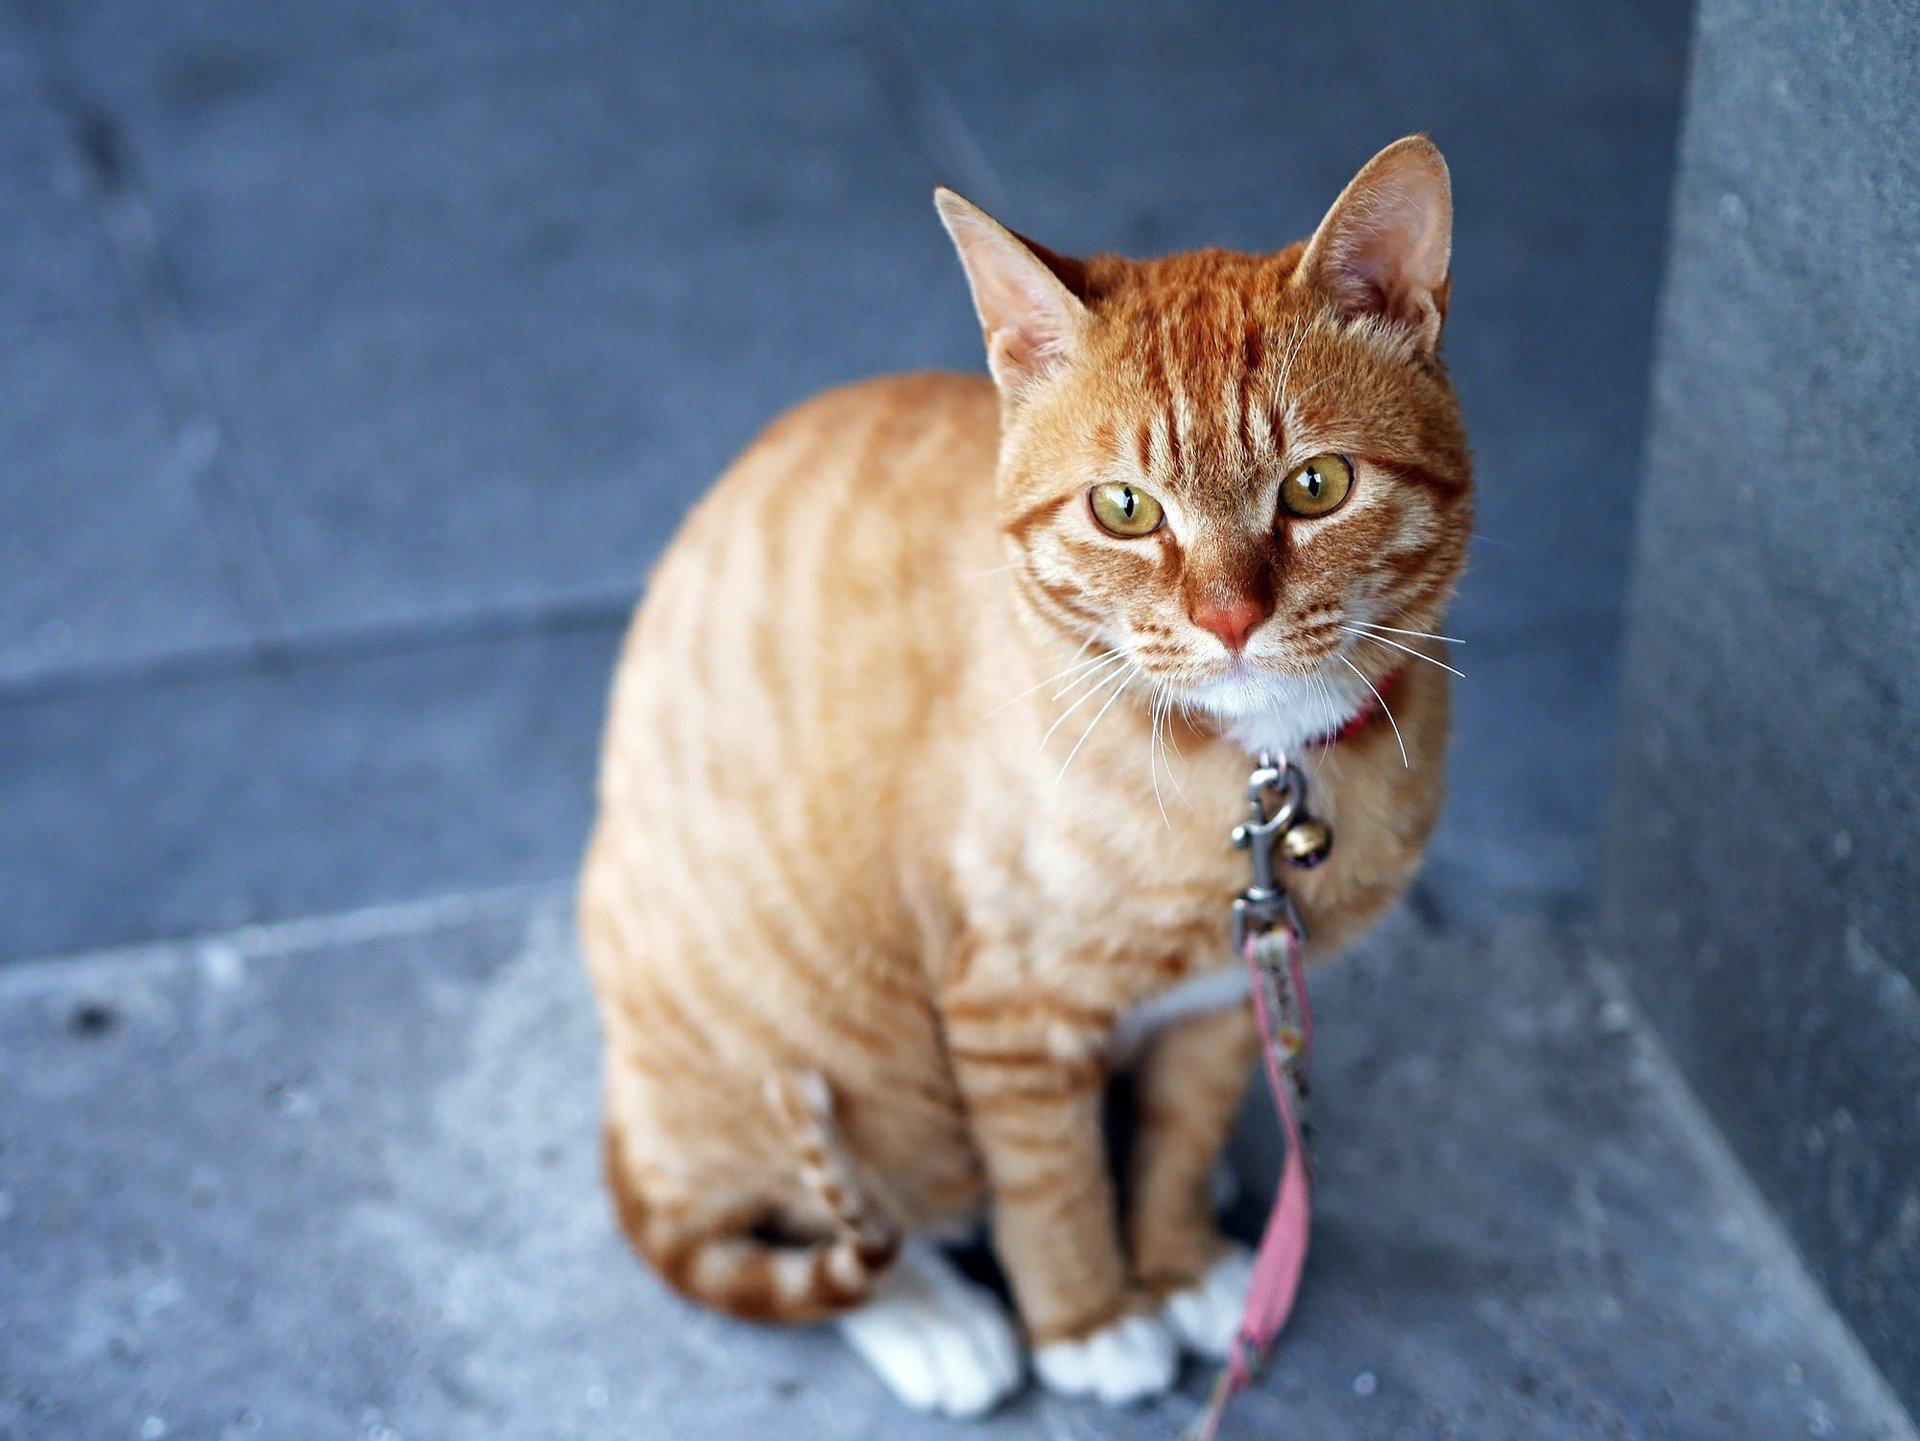 ¡Existen gatos naranja muy populares!